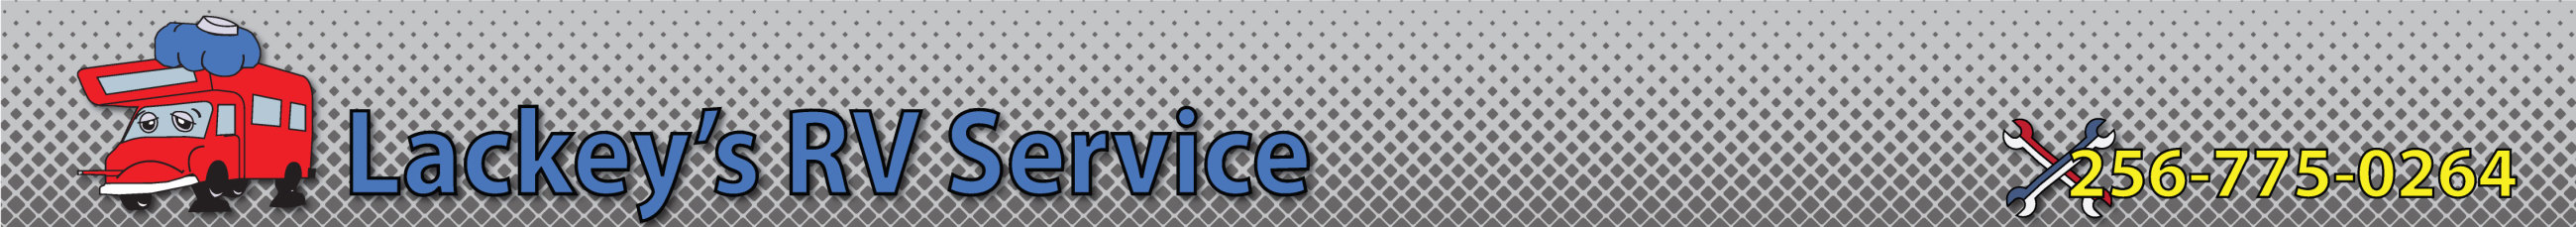 Lackeys RV Service Logo